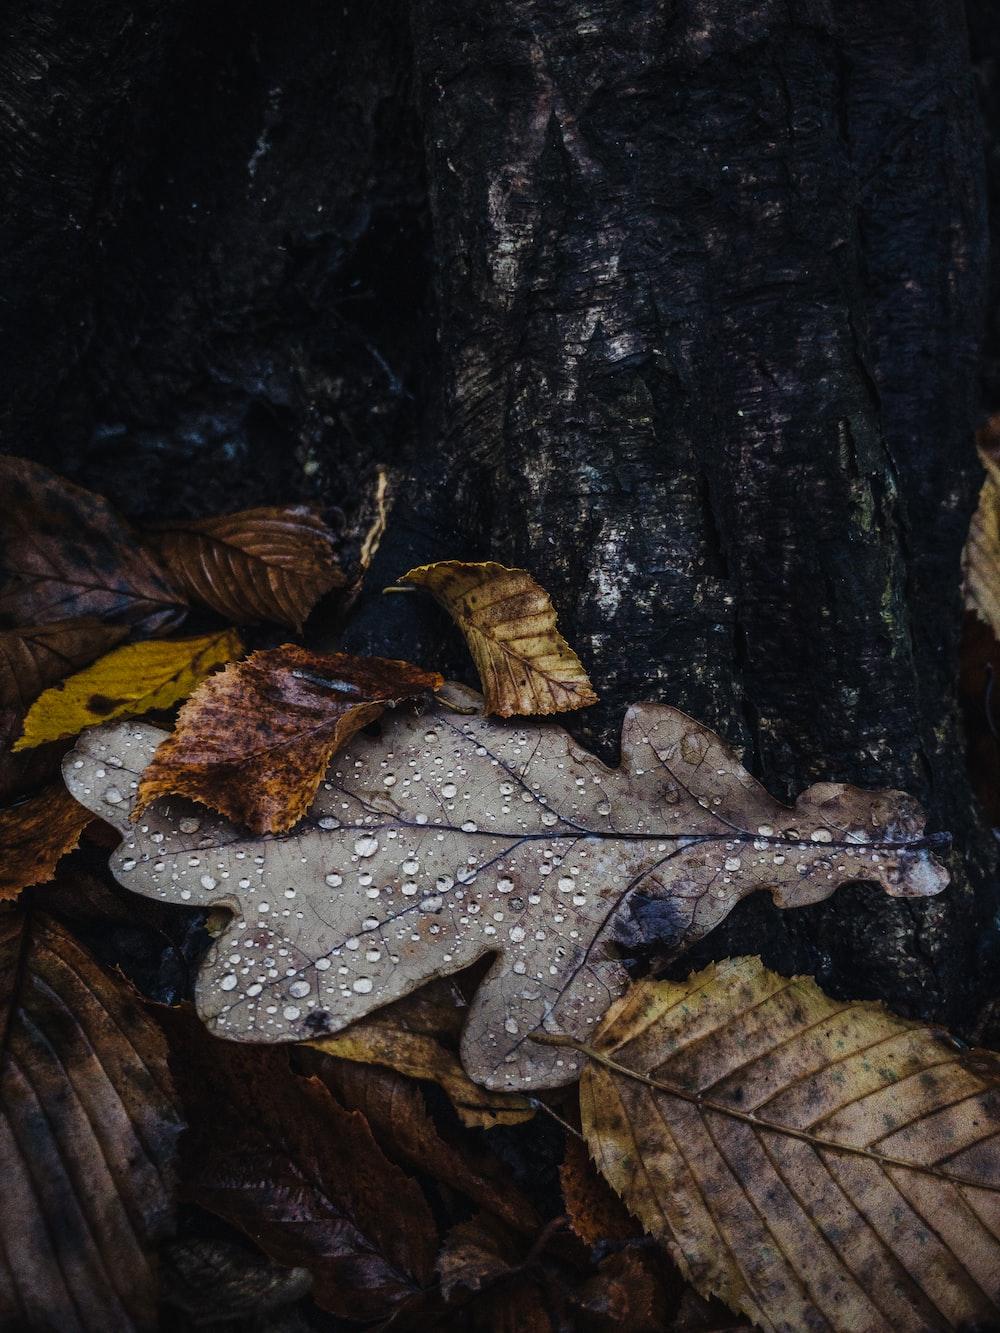 brown dried leaf on black tree trunk